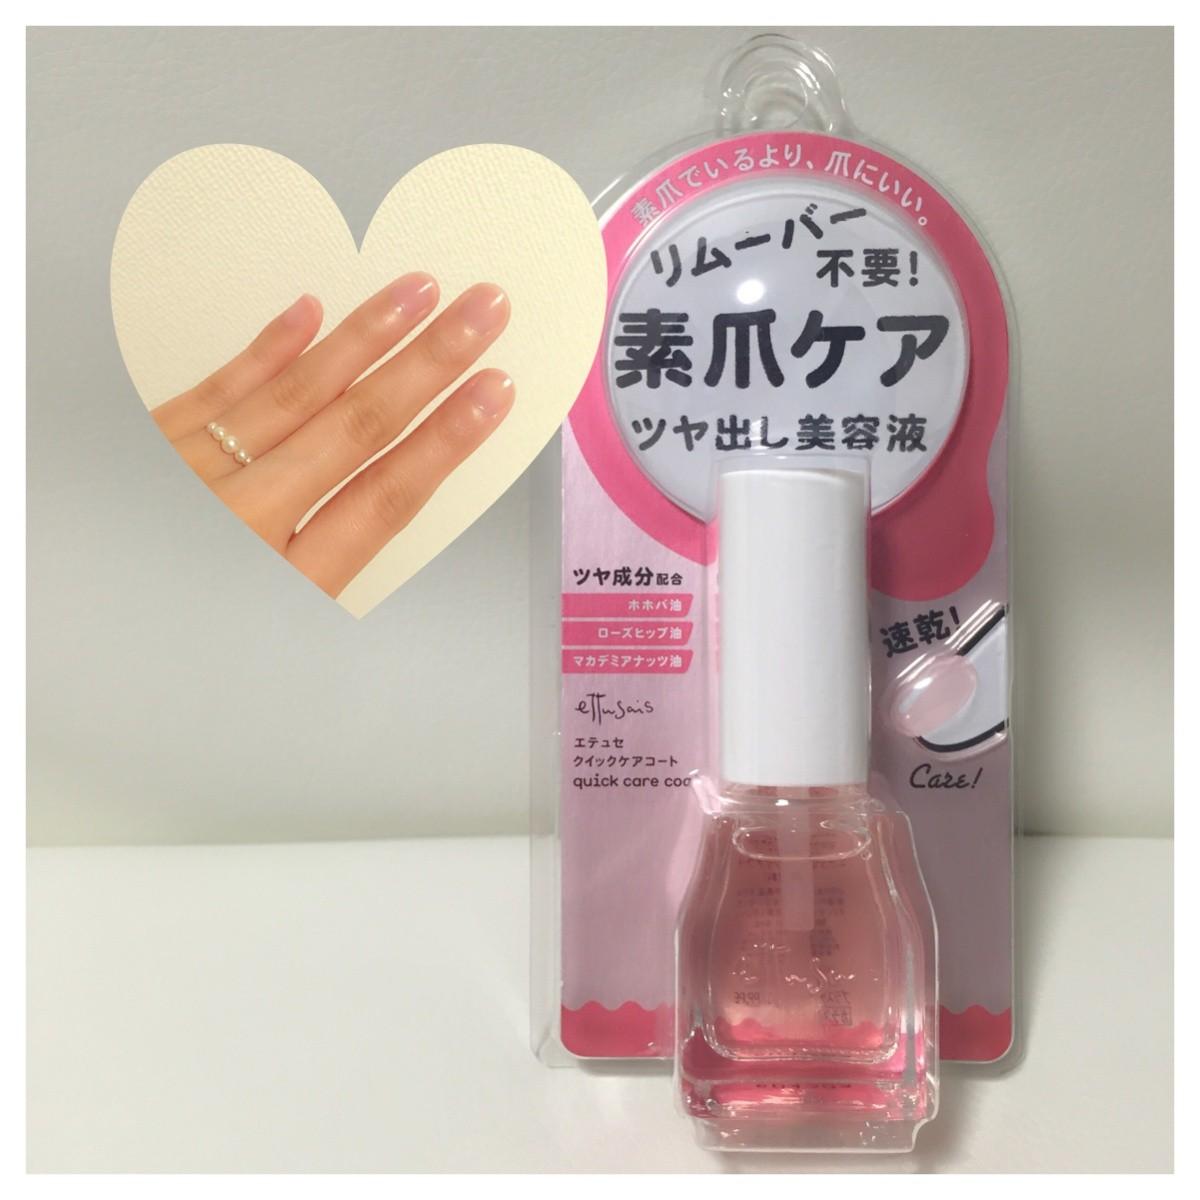 【買ってよかったプチプラ品】素爪でいるより爪にいい爪美容液